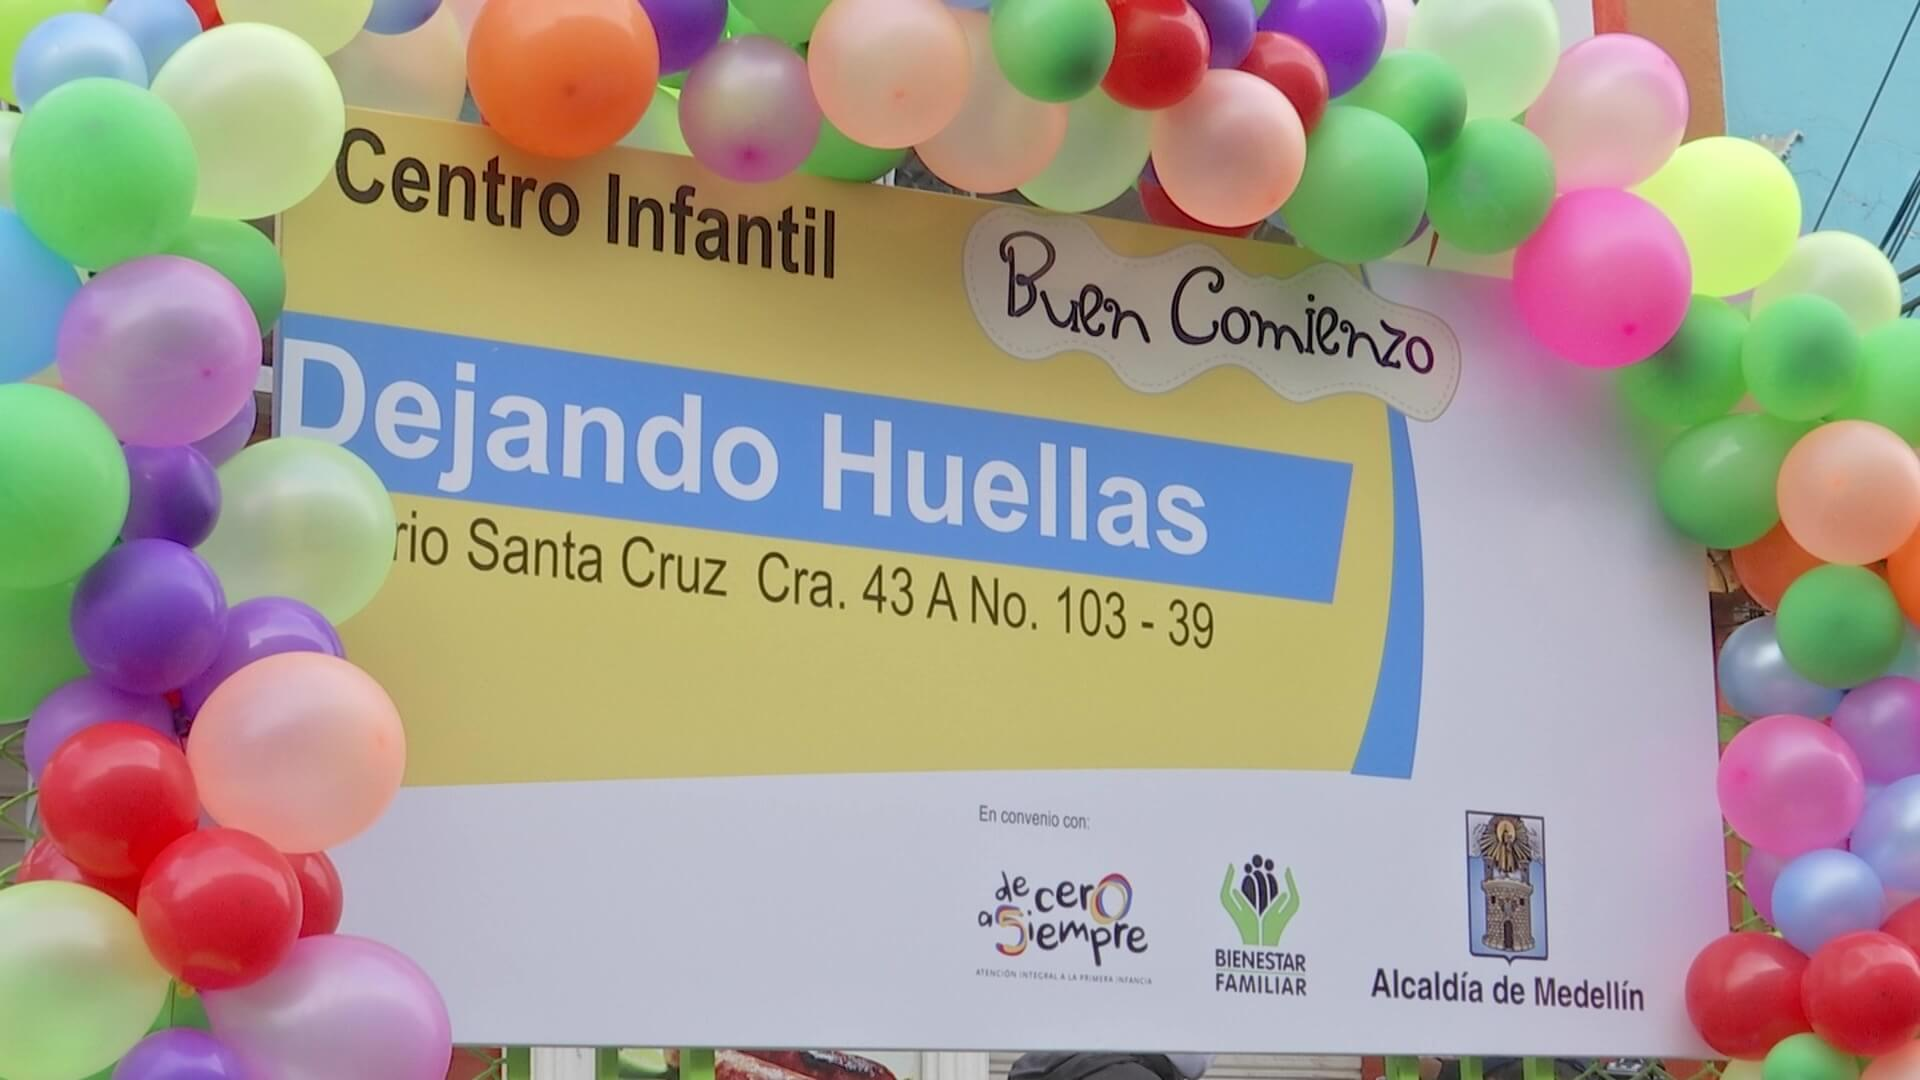 Nuevo centro infantil de Buen Comienzo en Santa Cruz